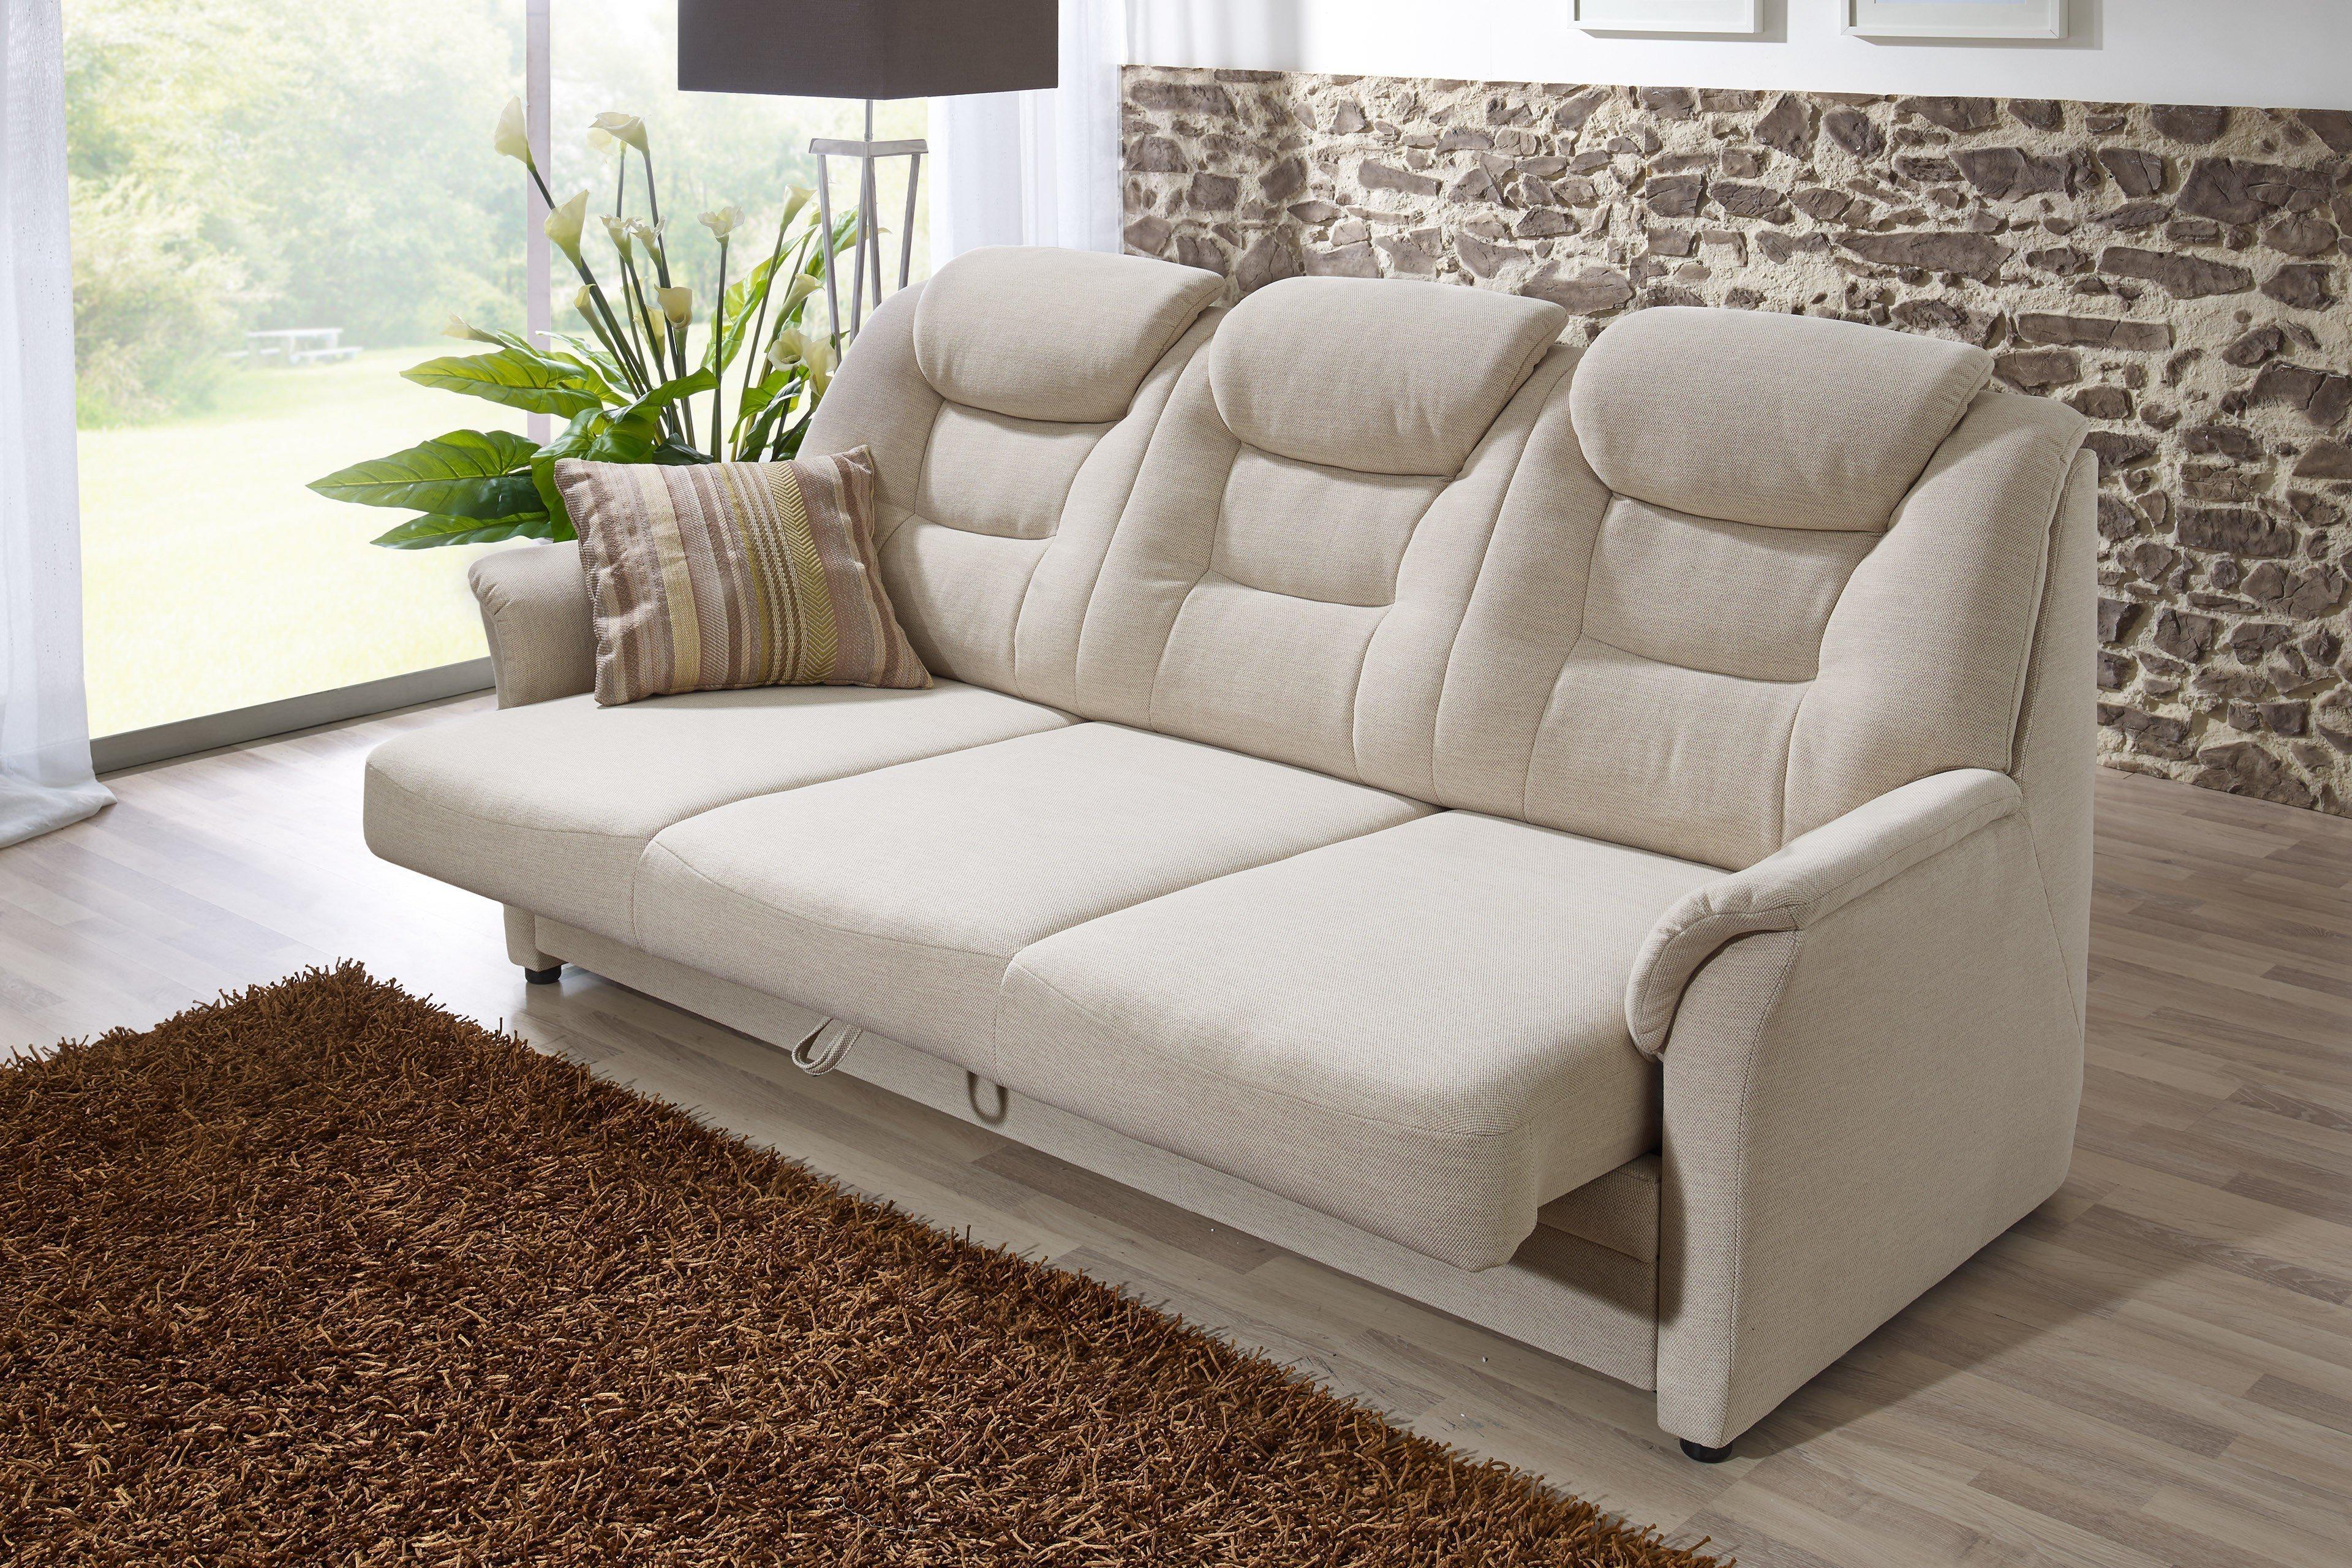 dietsch kiel polstergarnitur beige m bel letz ihr online shop. Black Bedroom Furniture Sets. Home Design Ideas